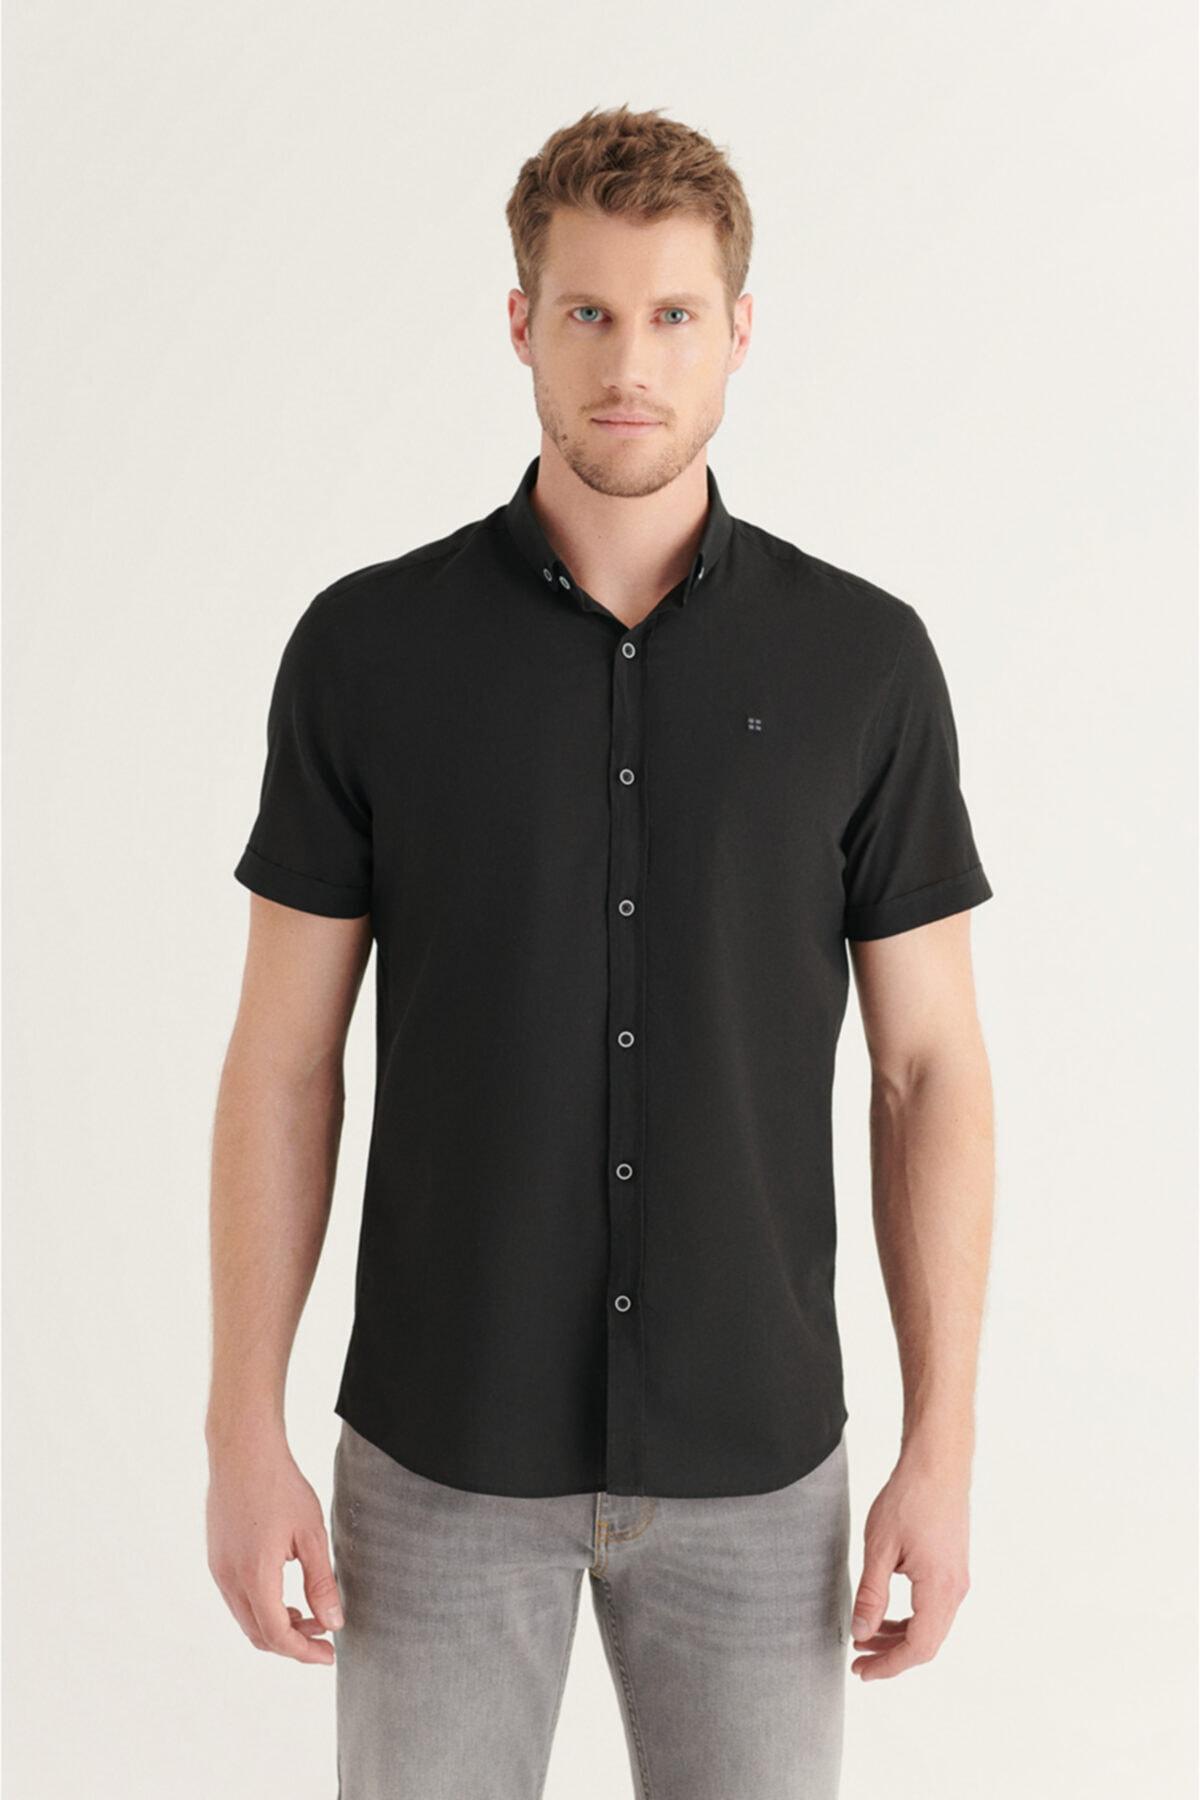 Erkek Siyah Düz Düğmeli Yaka Slim Fit Kısa Kol Vual Gömlek A11b2210